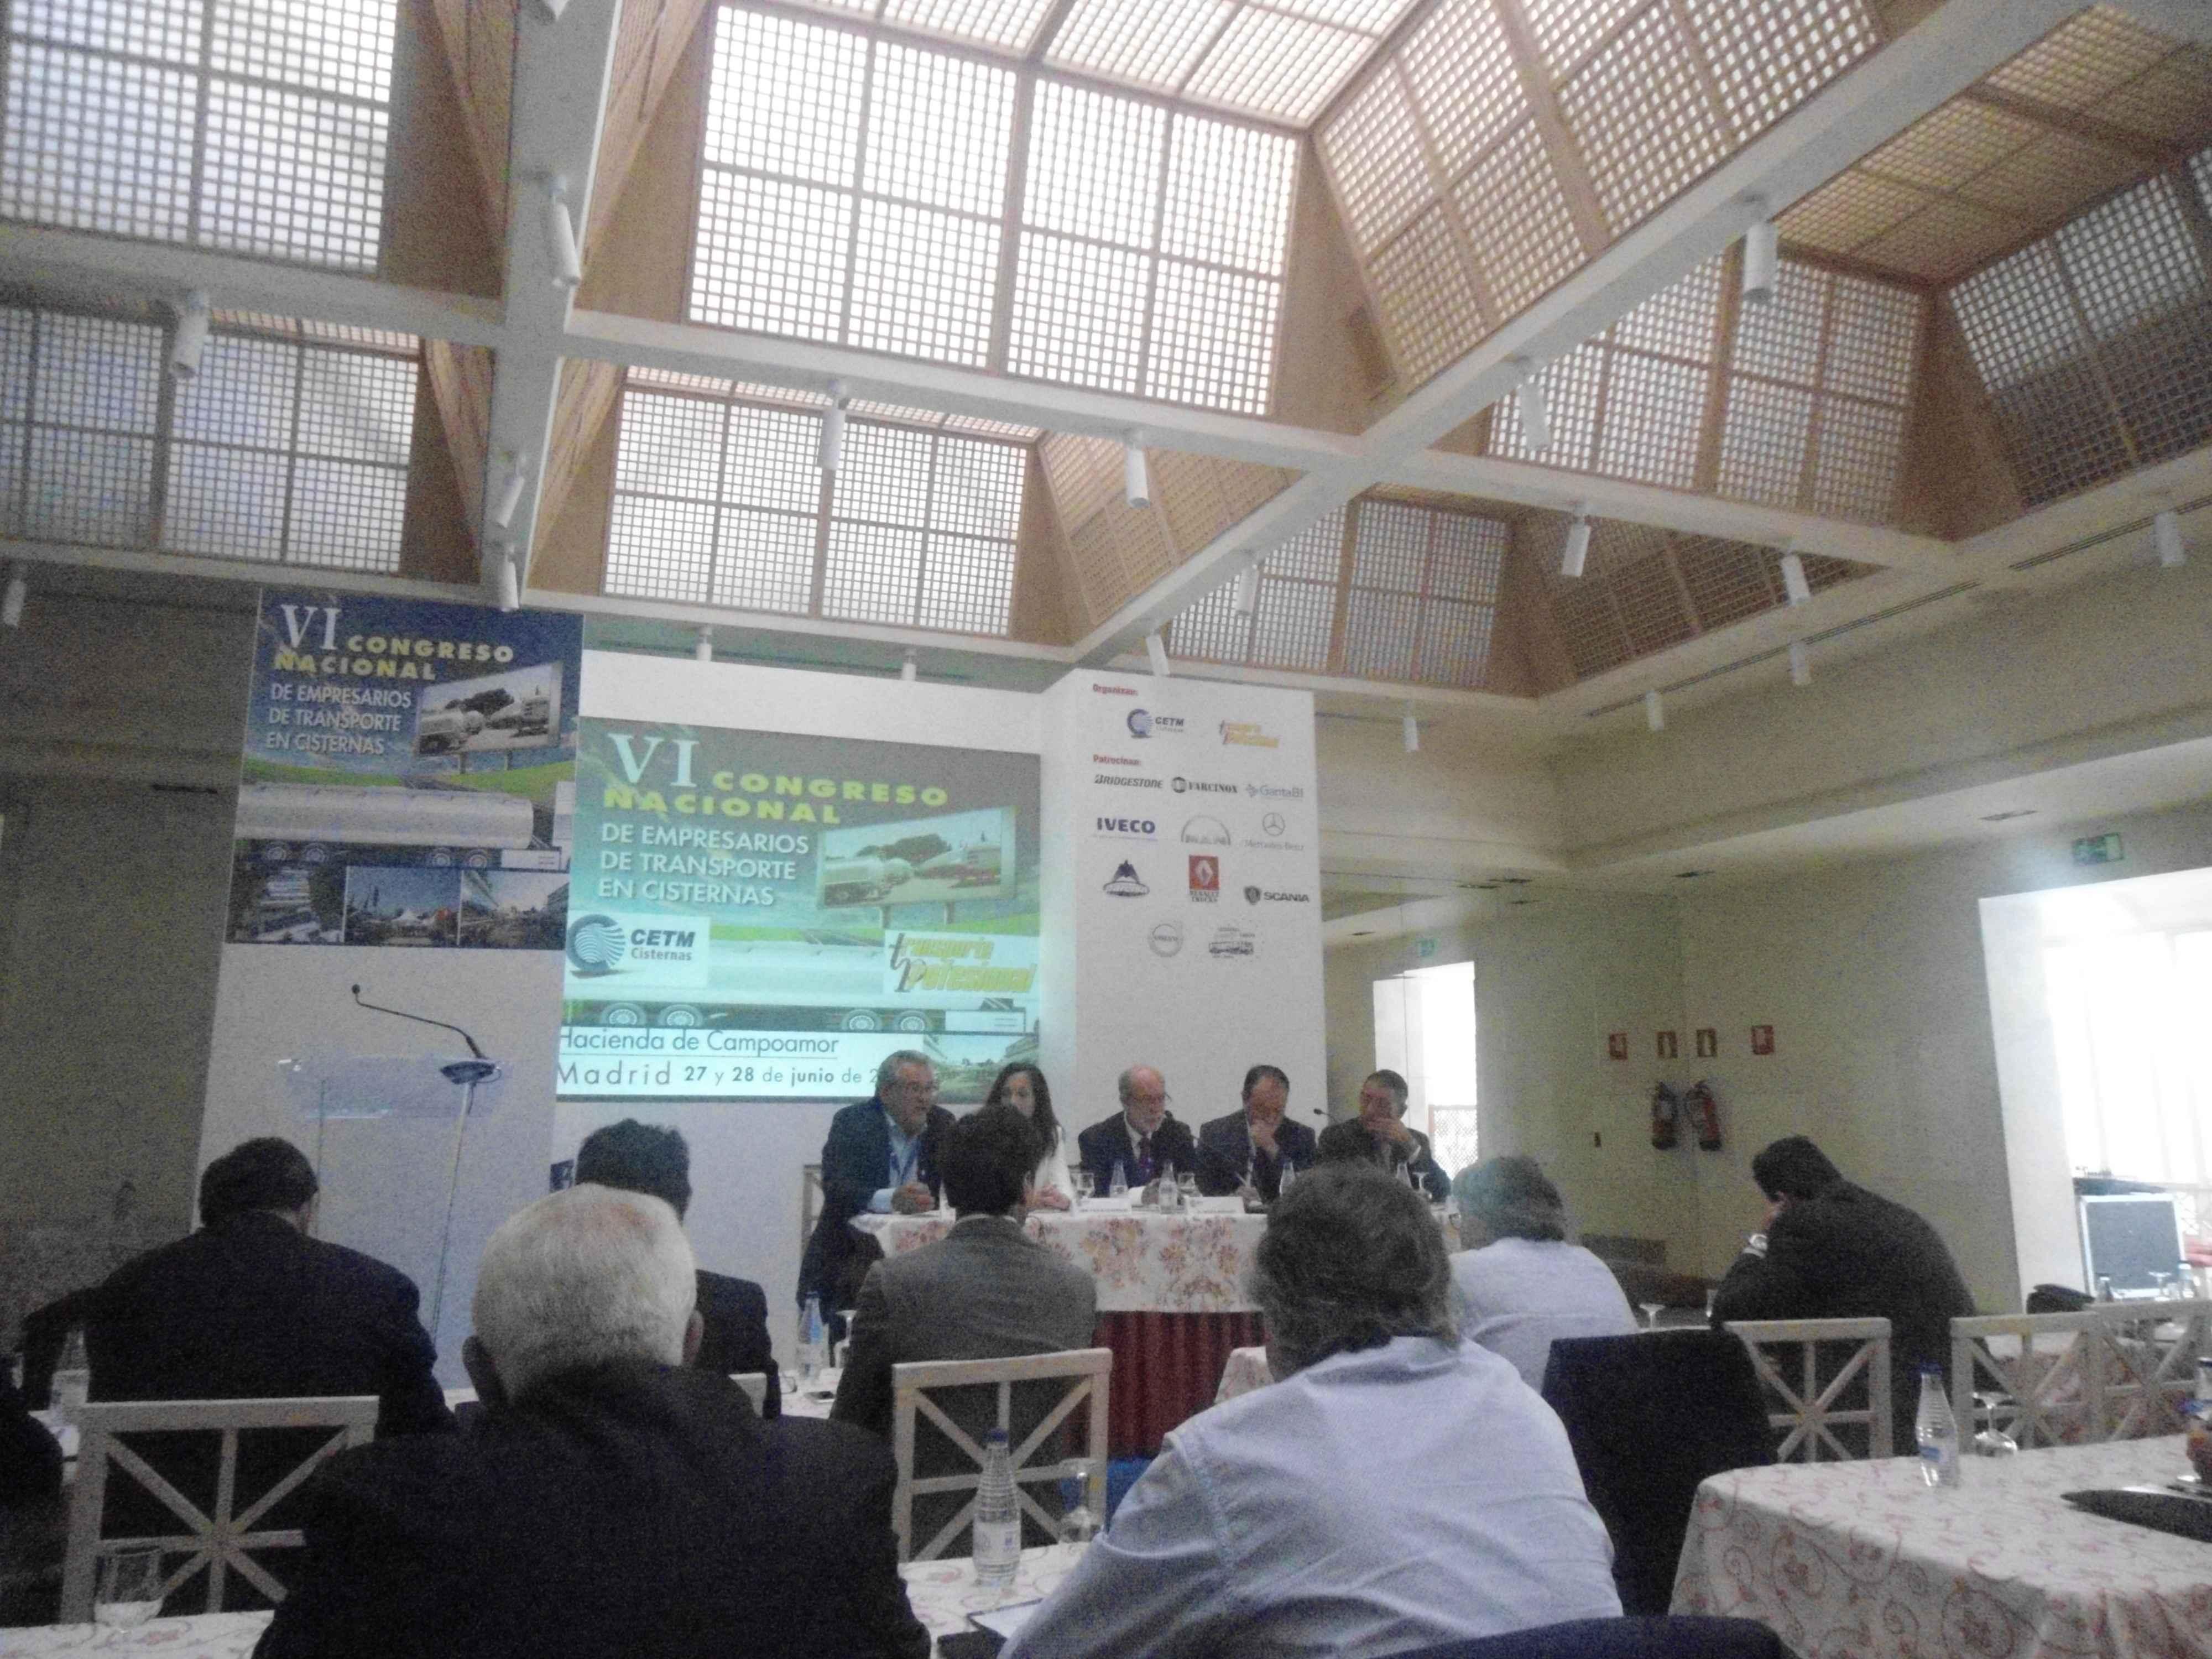 VI Congreso Nacional de Empresarios de Transporte en Cisternas, 27 y 28 de Junio en Madrid